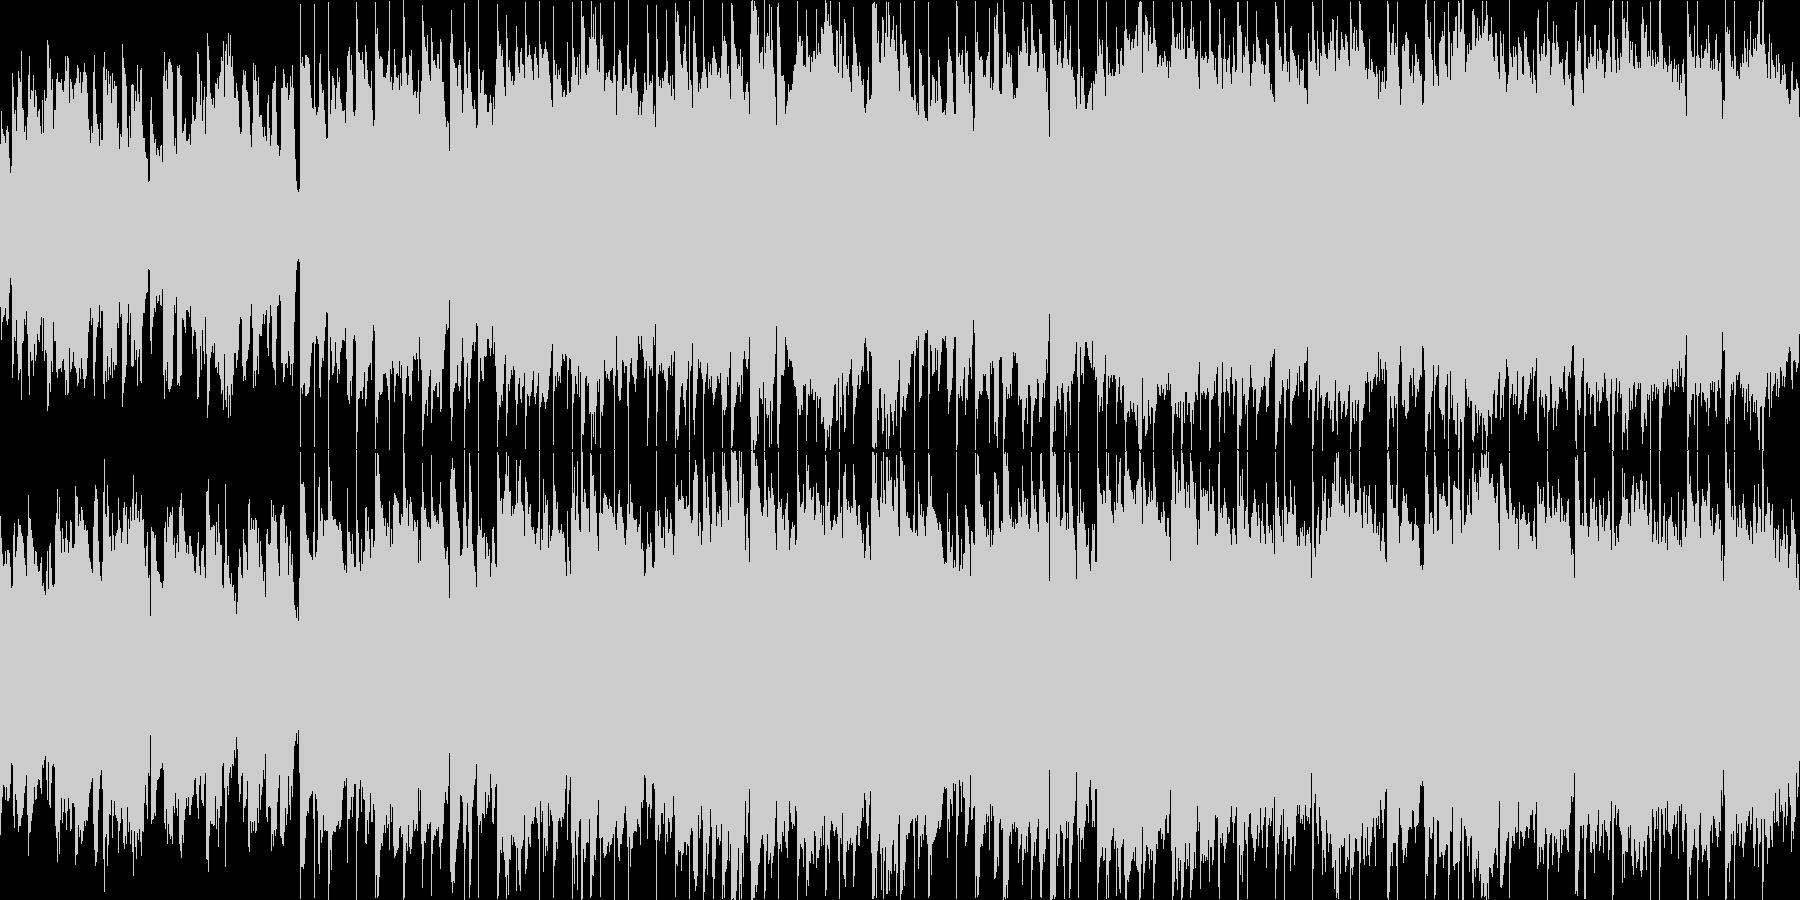 荒野を走る ループ 生演奏の未再生の波形